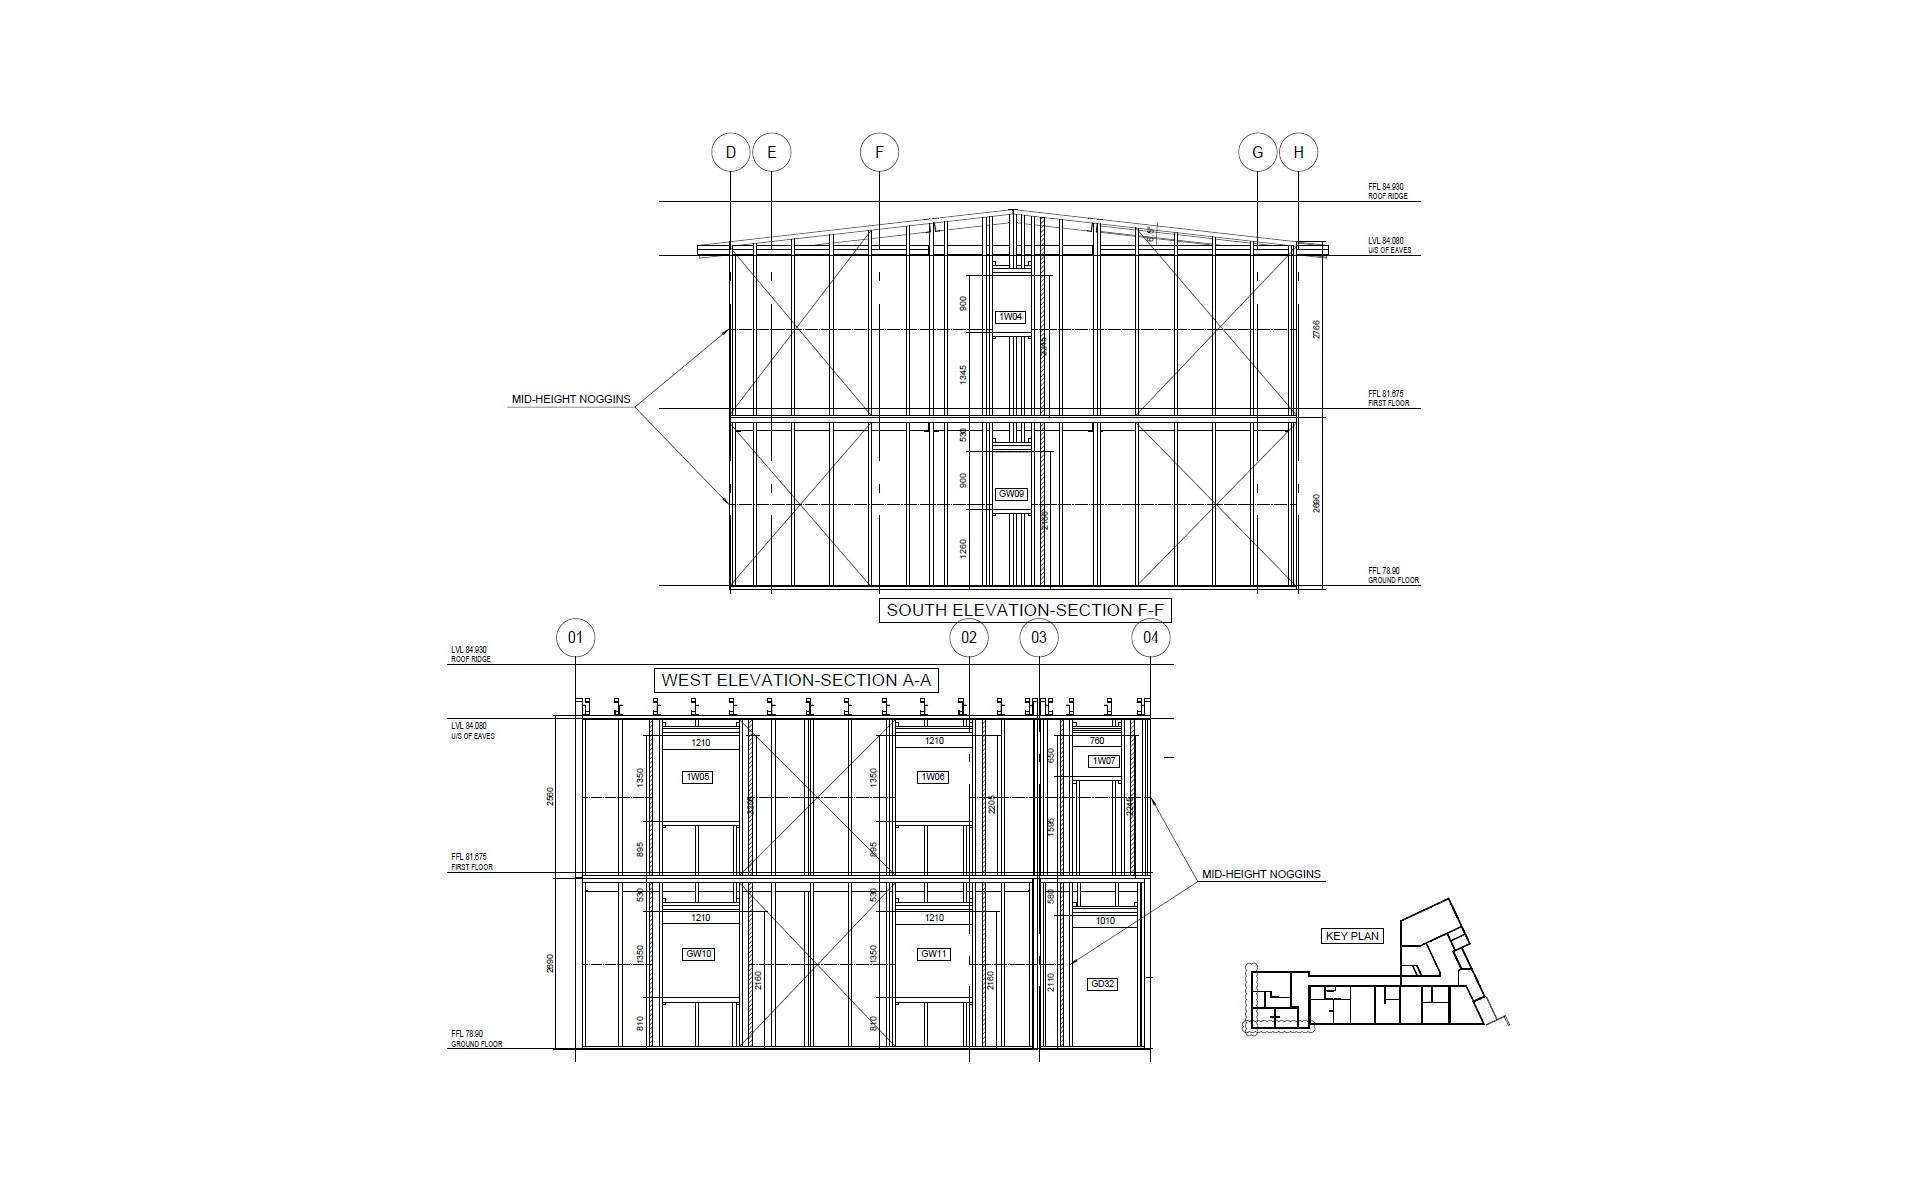 Vertex BD Cold-Formed Steel Framing Elevation Section